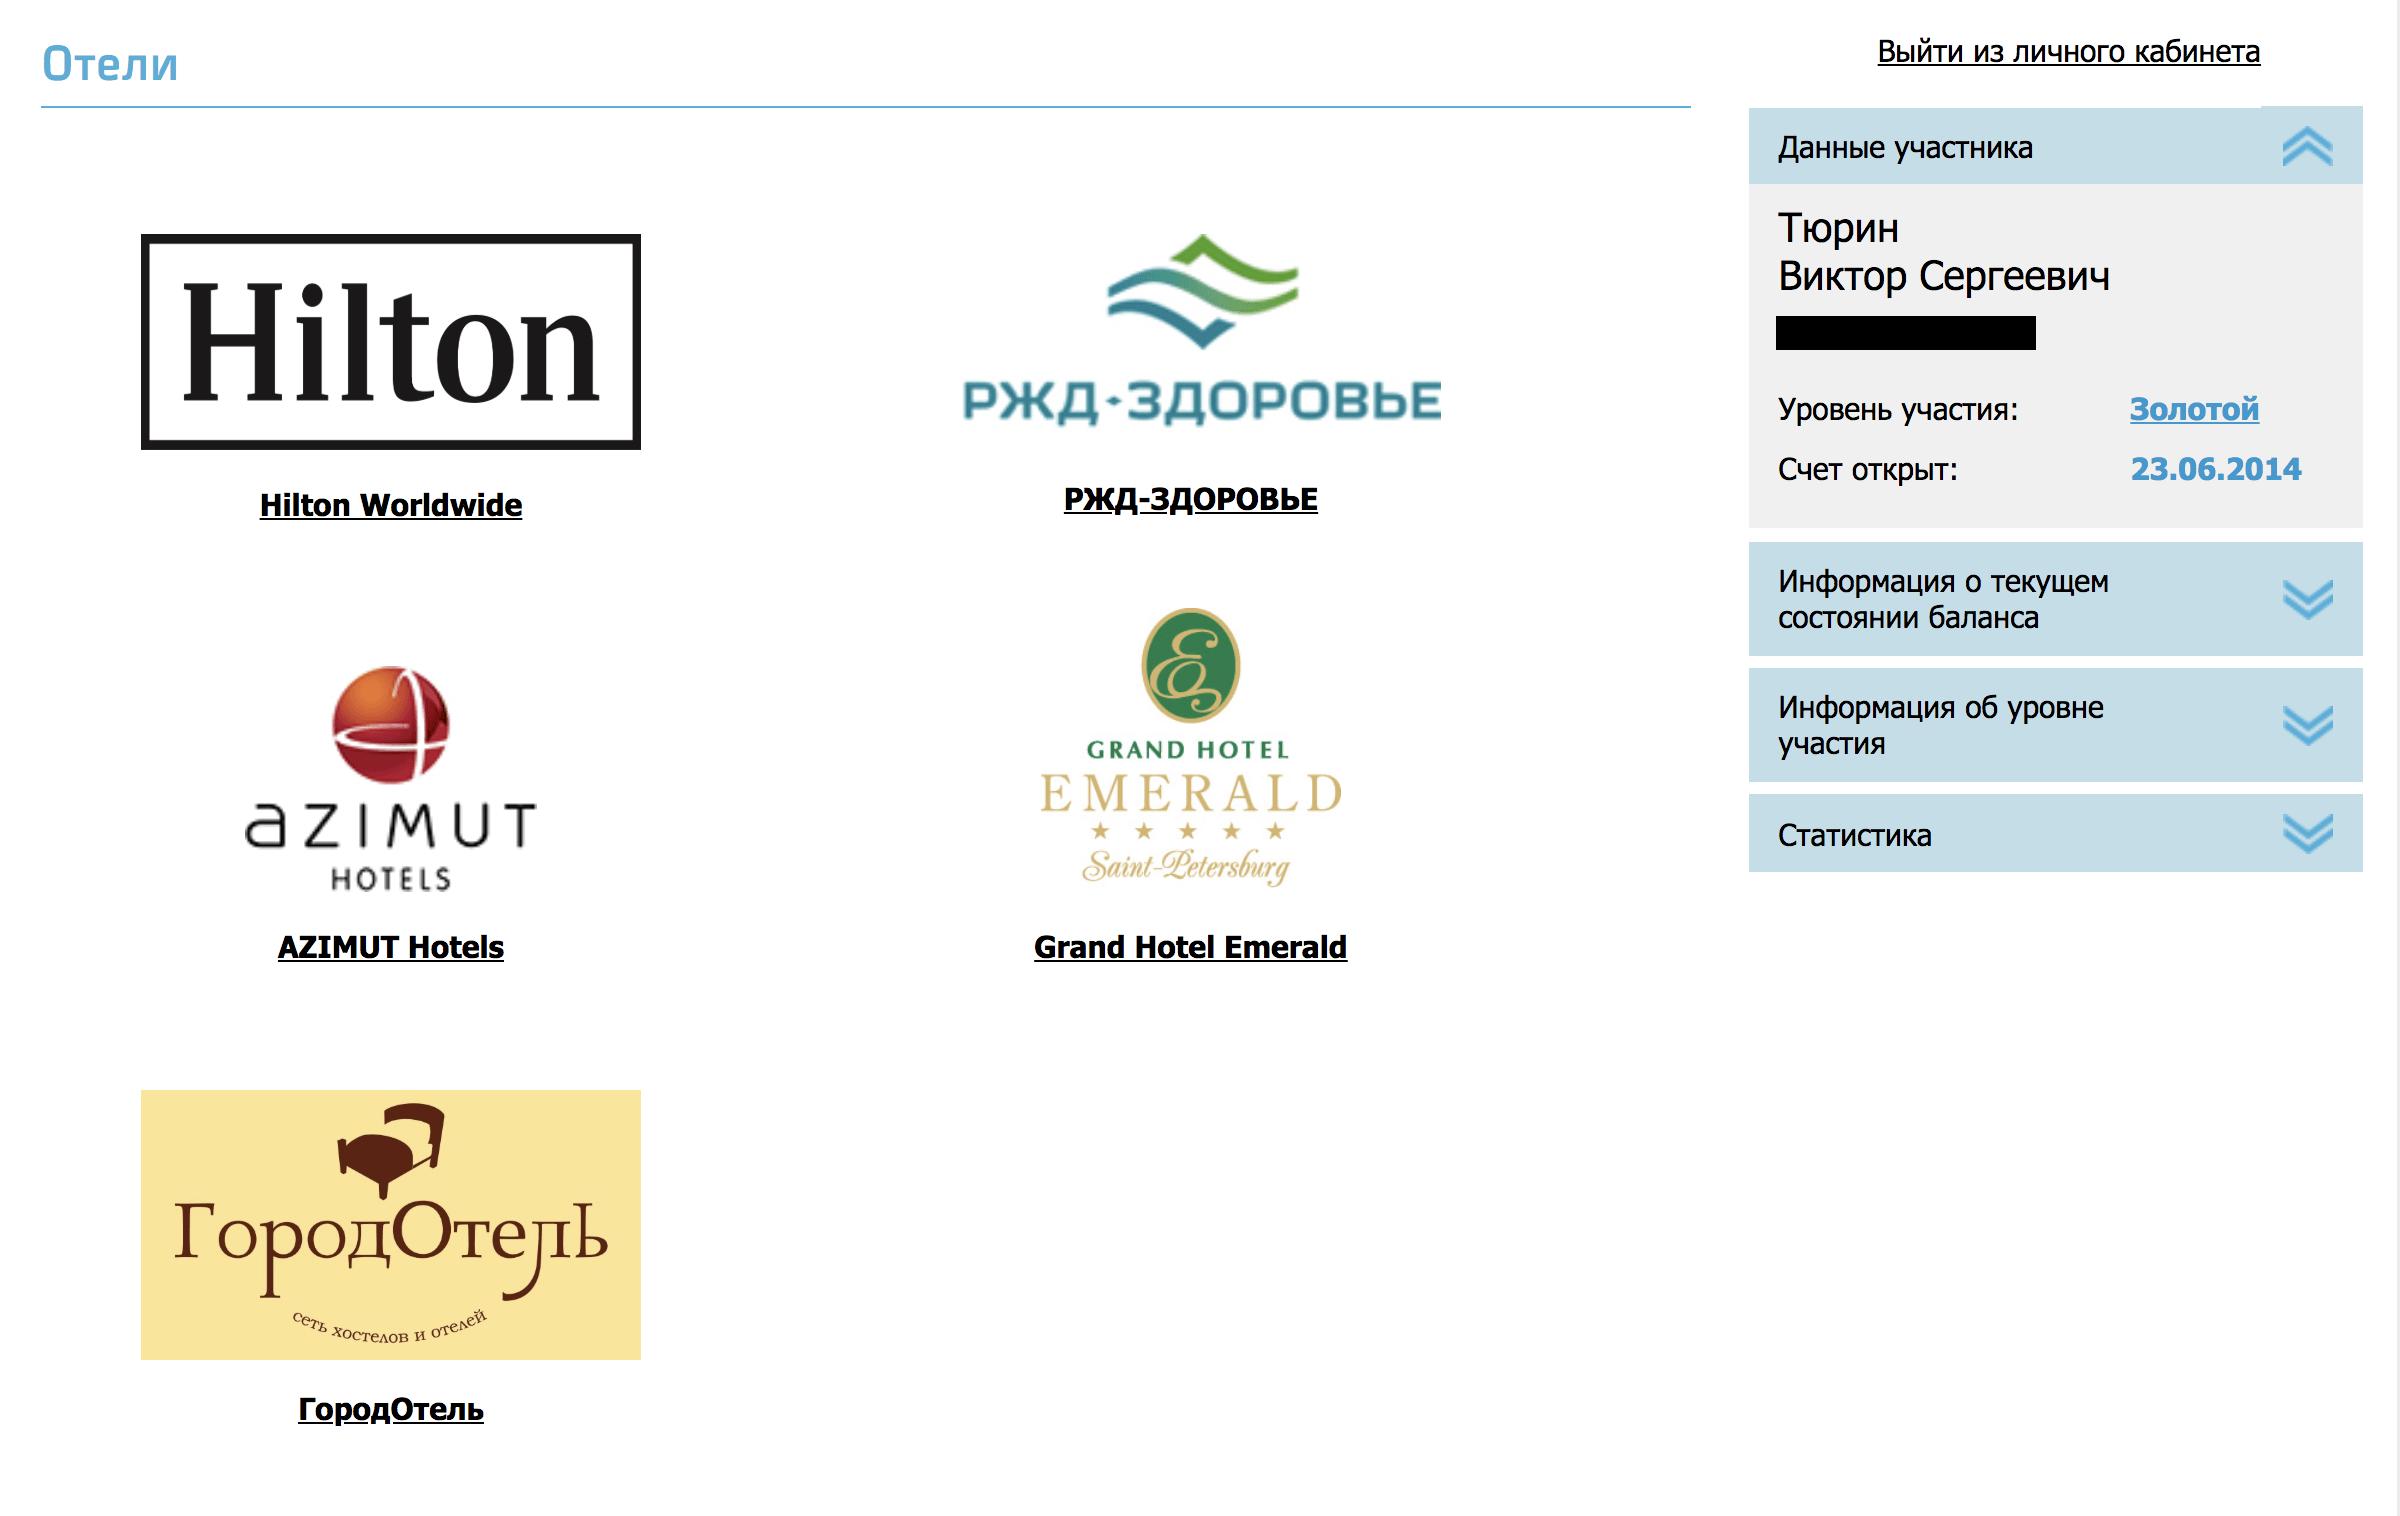 В партнерской программе РЖД участвуют всего пять сетей отелей. Мне ни одна не подходит